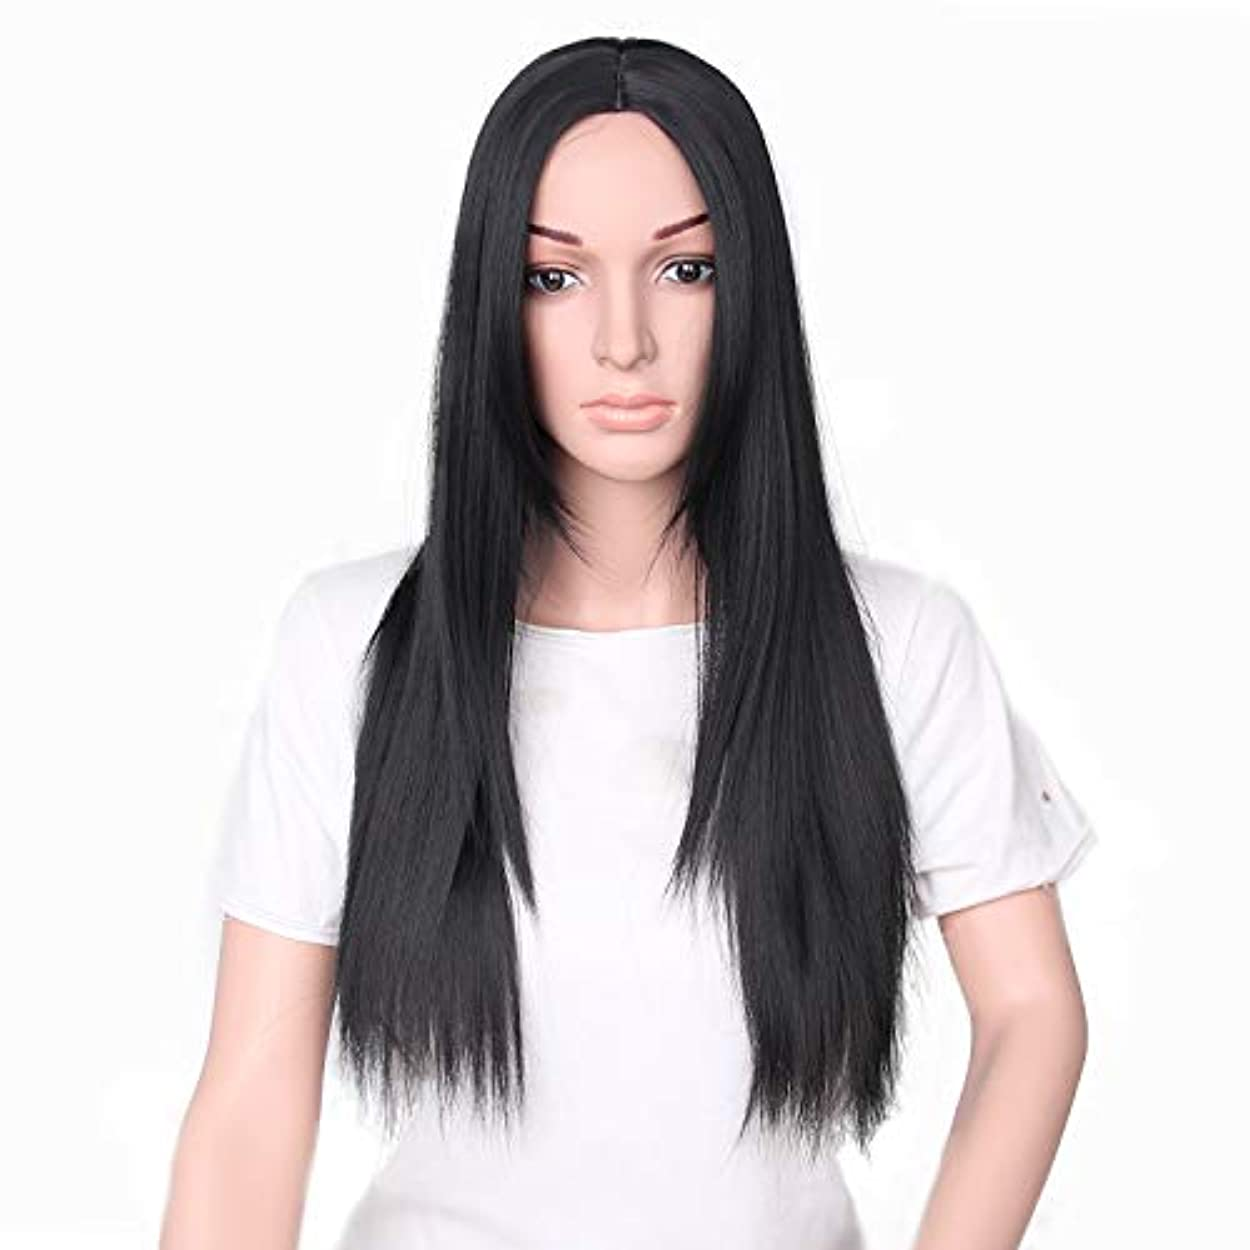 バーチャル女優おもちゃYZUEYT 66cm女性ナチュラルセンター分割ロングストレートブラックヘアウィッグ YZUEYT (Size : One size)